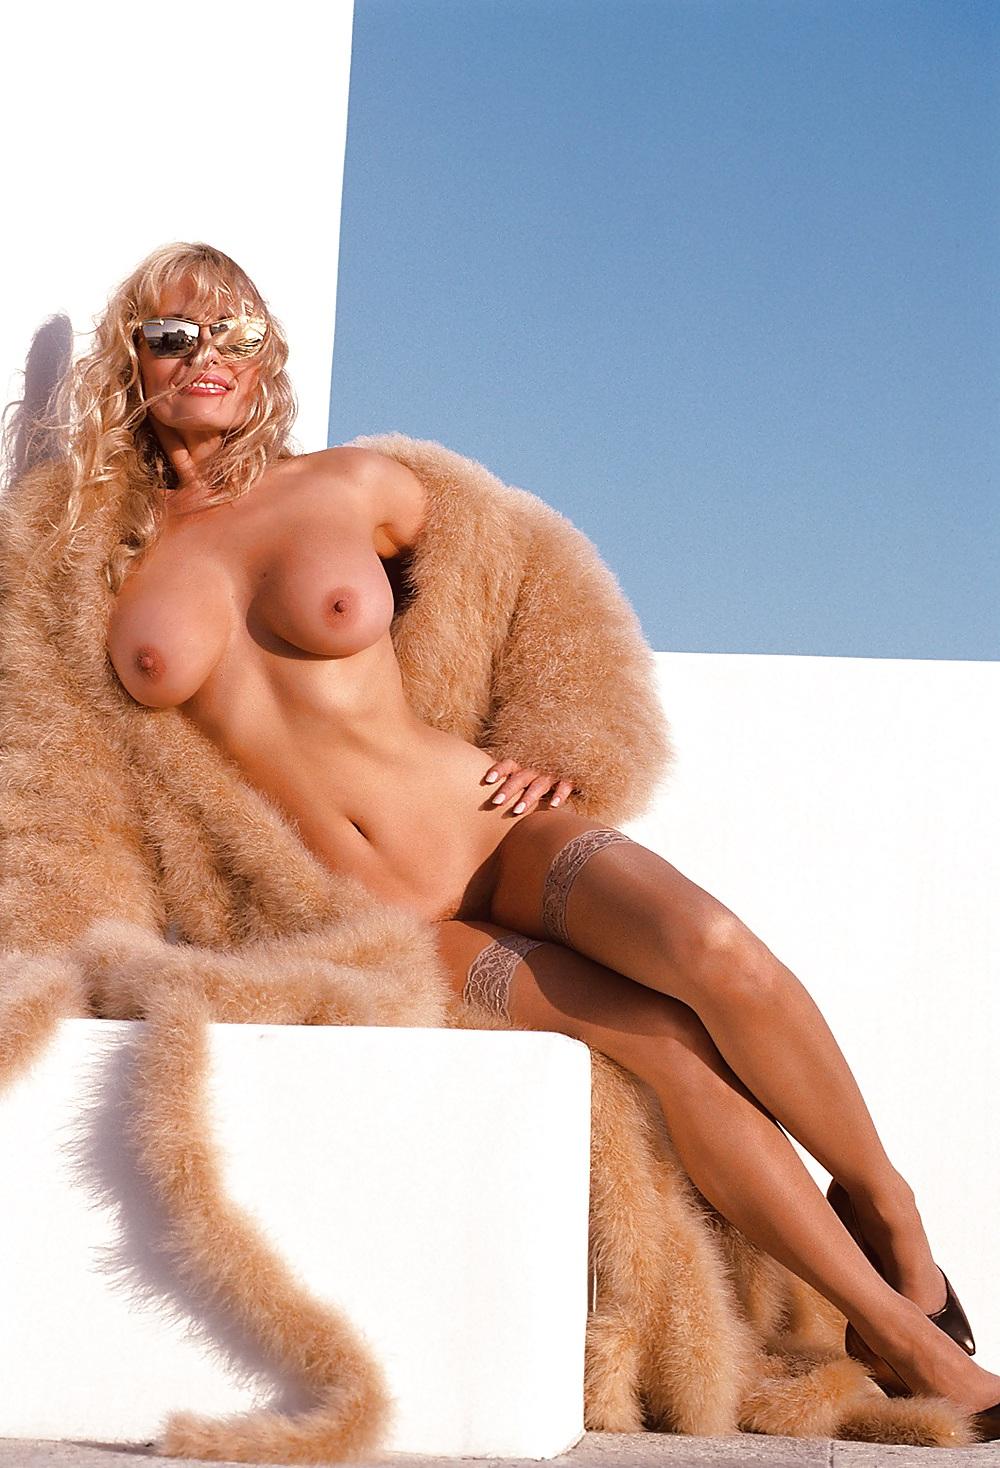 Lynnanal dian parkinson hot nude porn image amateur